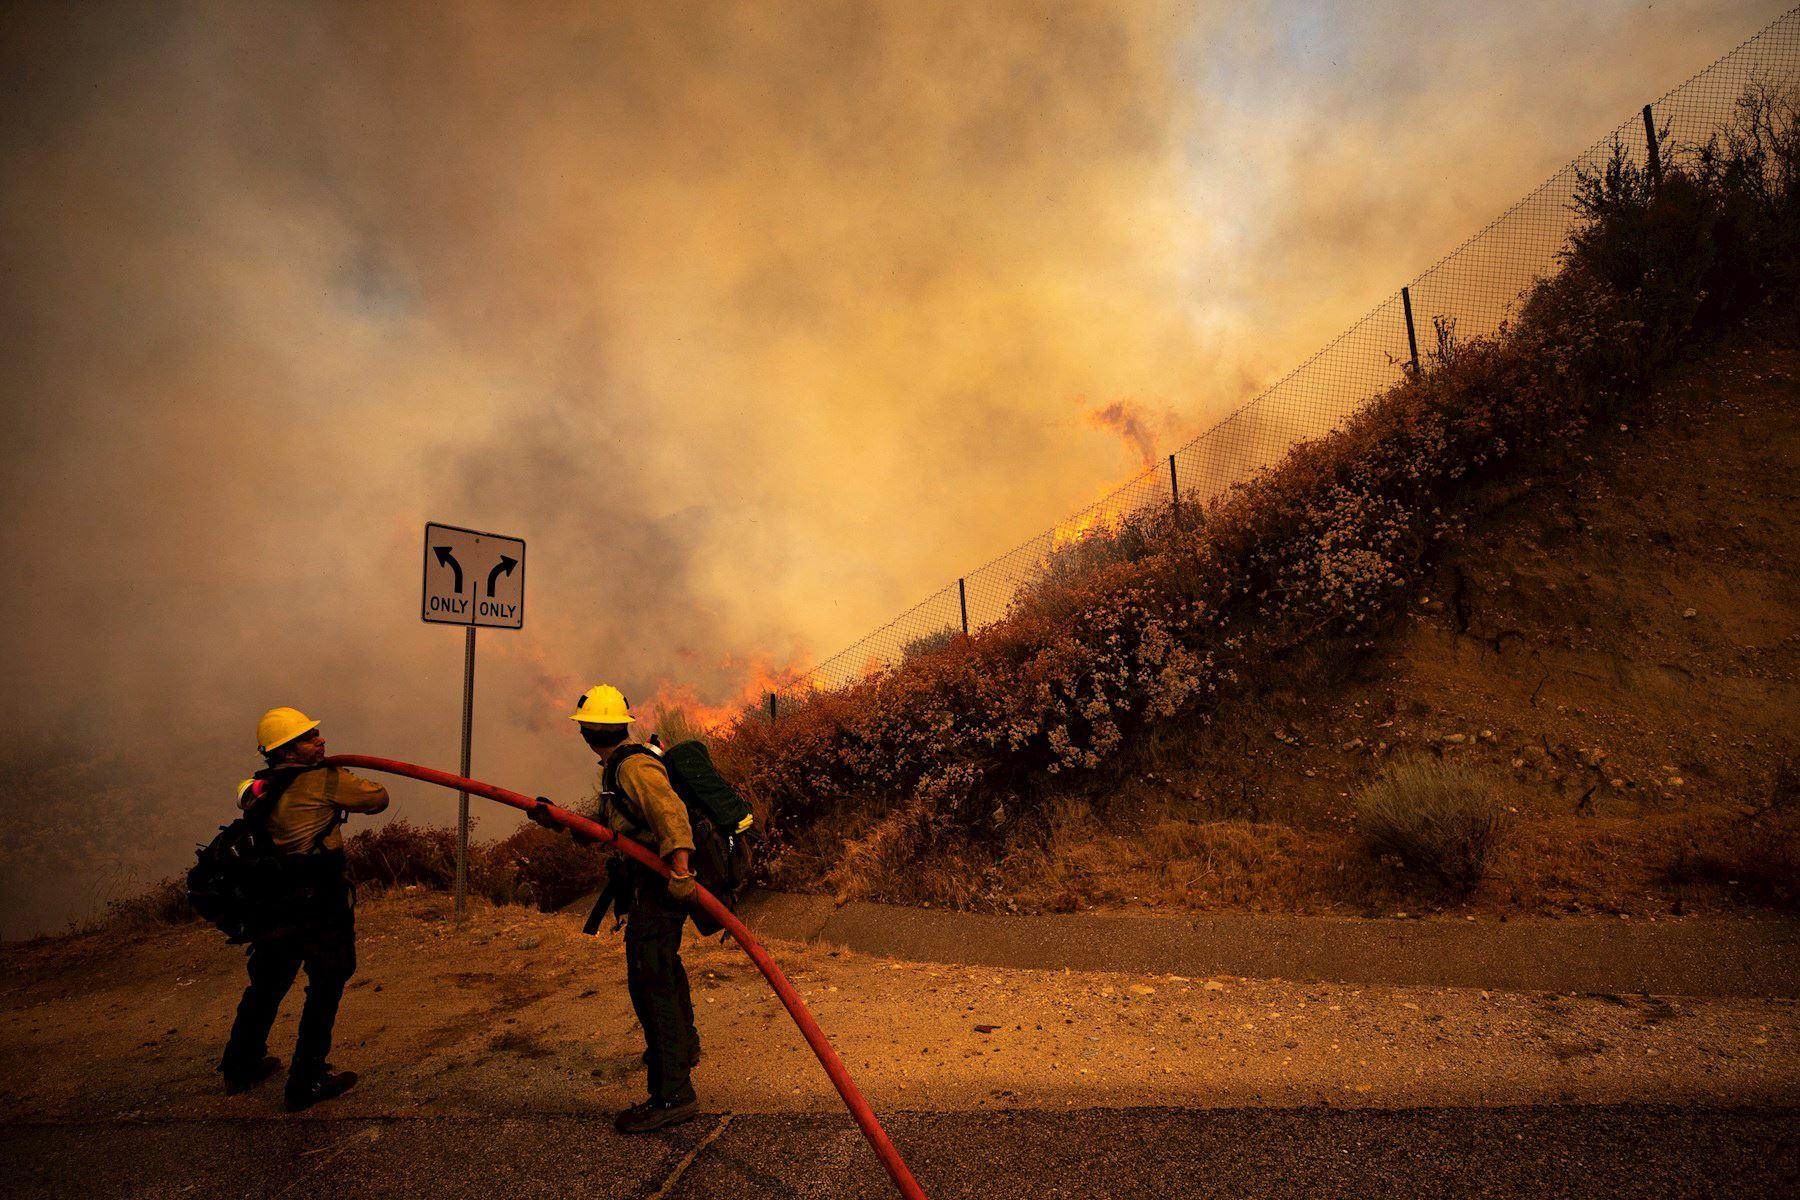 Dos bomberos intentan extinguir el incendio de Elsmere cerca de Santa Clarita, California, EE. UU. Según los últimos informes de los medios, el incendio ha quemado 130 acres. Foto: EFE